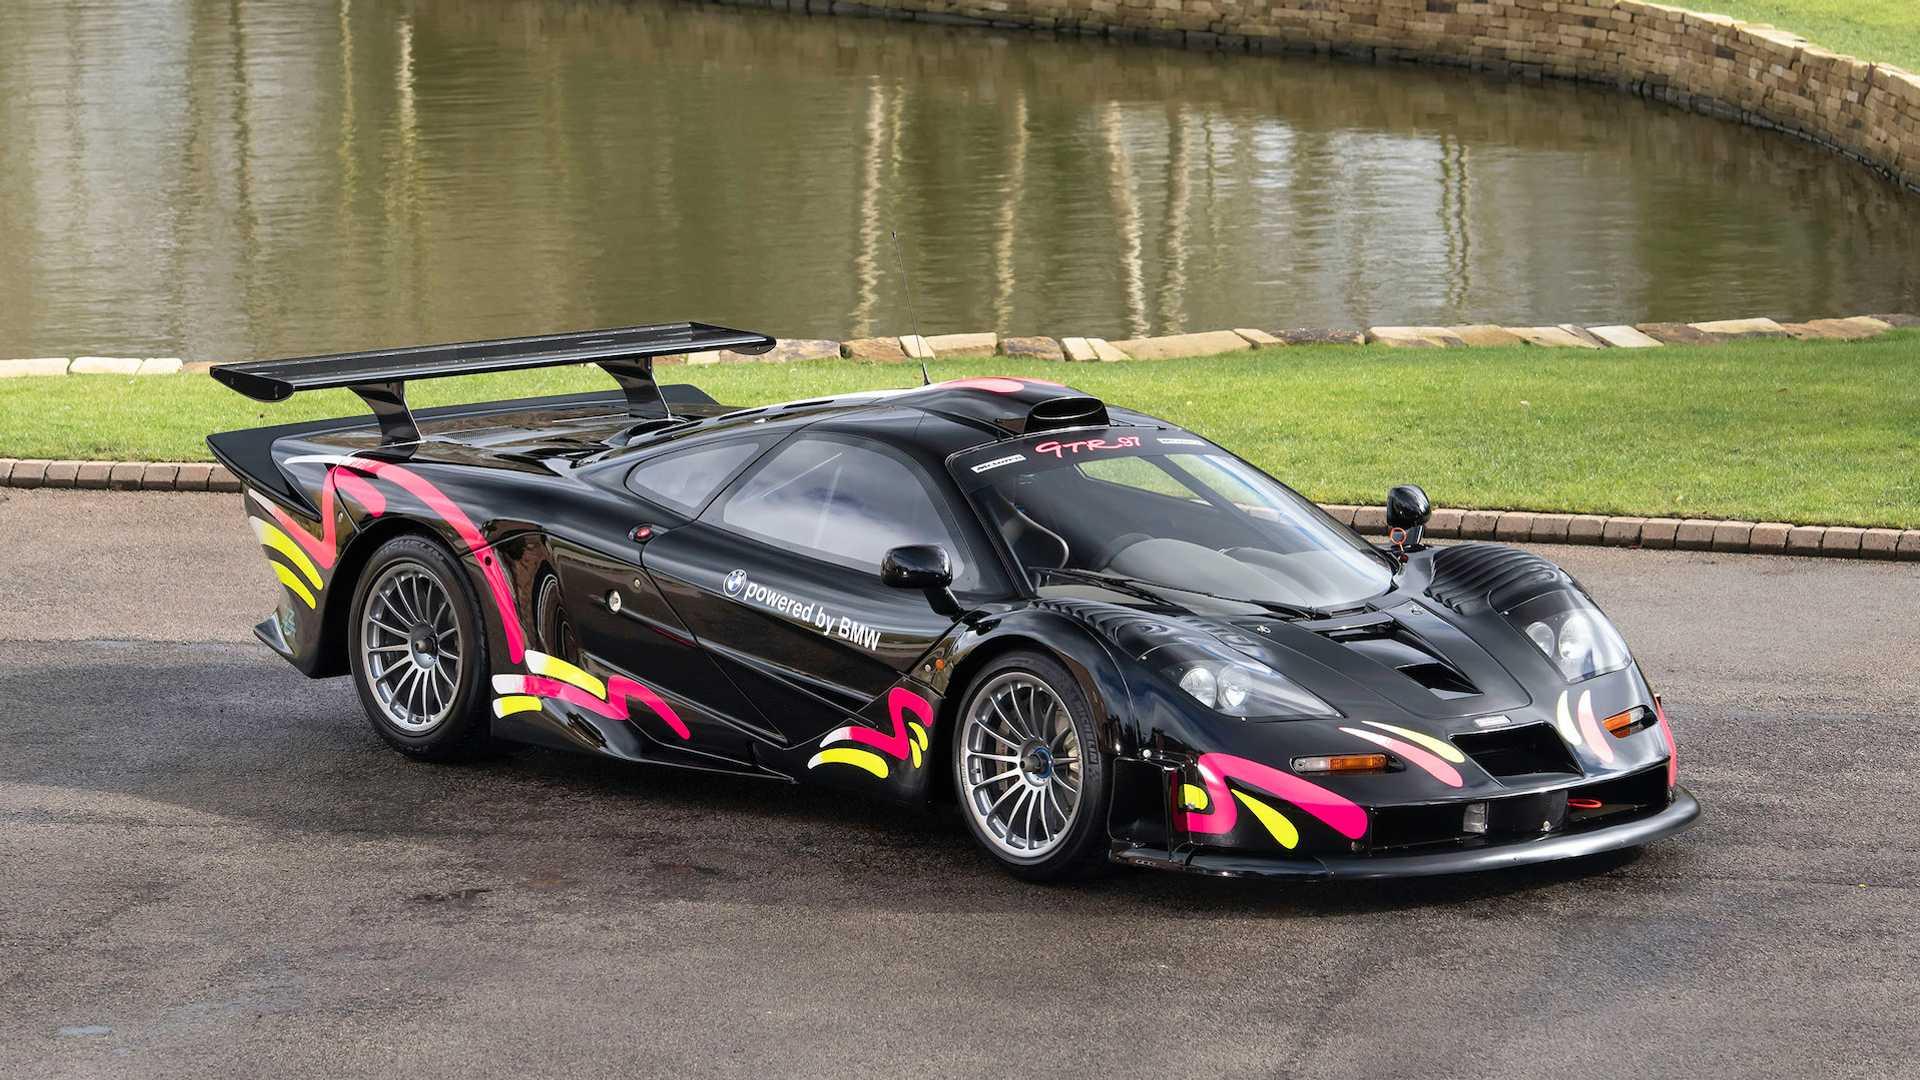 McLaren F1 GTR Longtail Livery